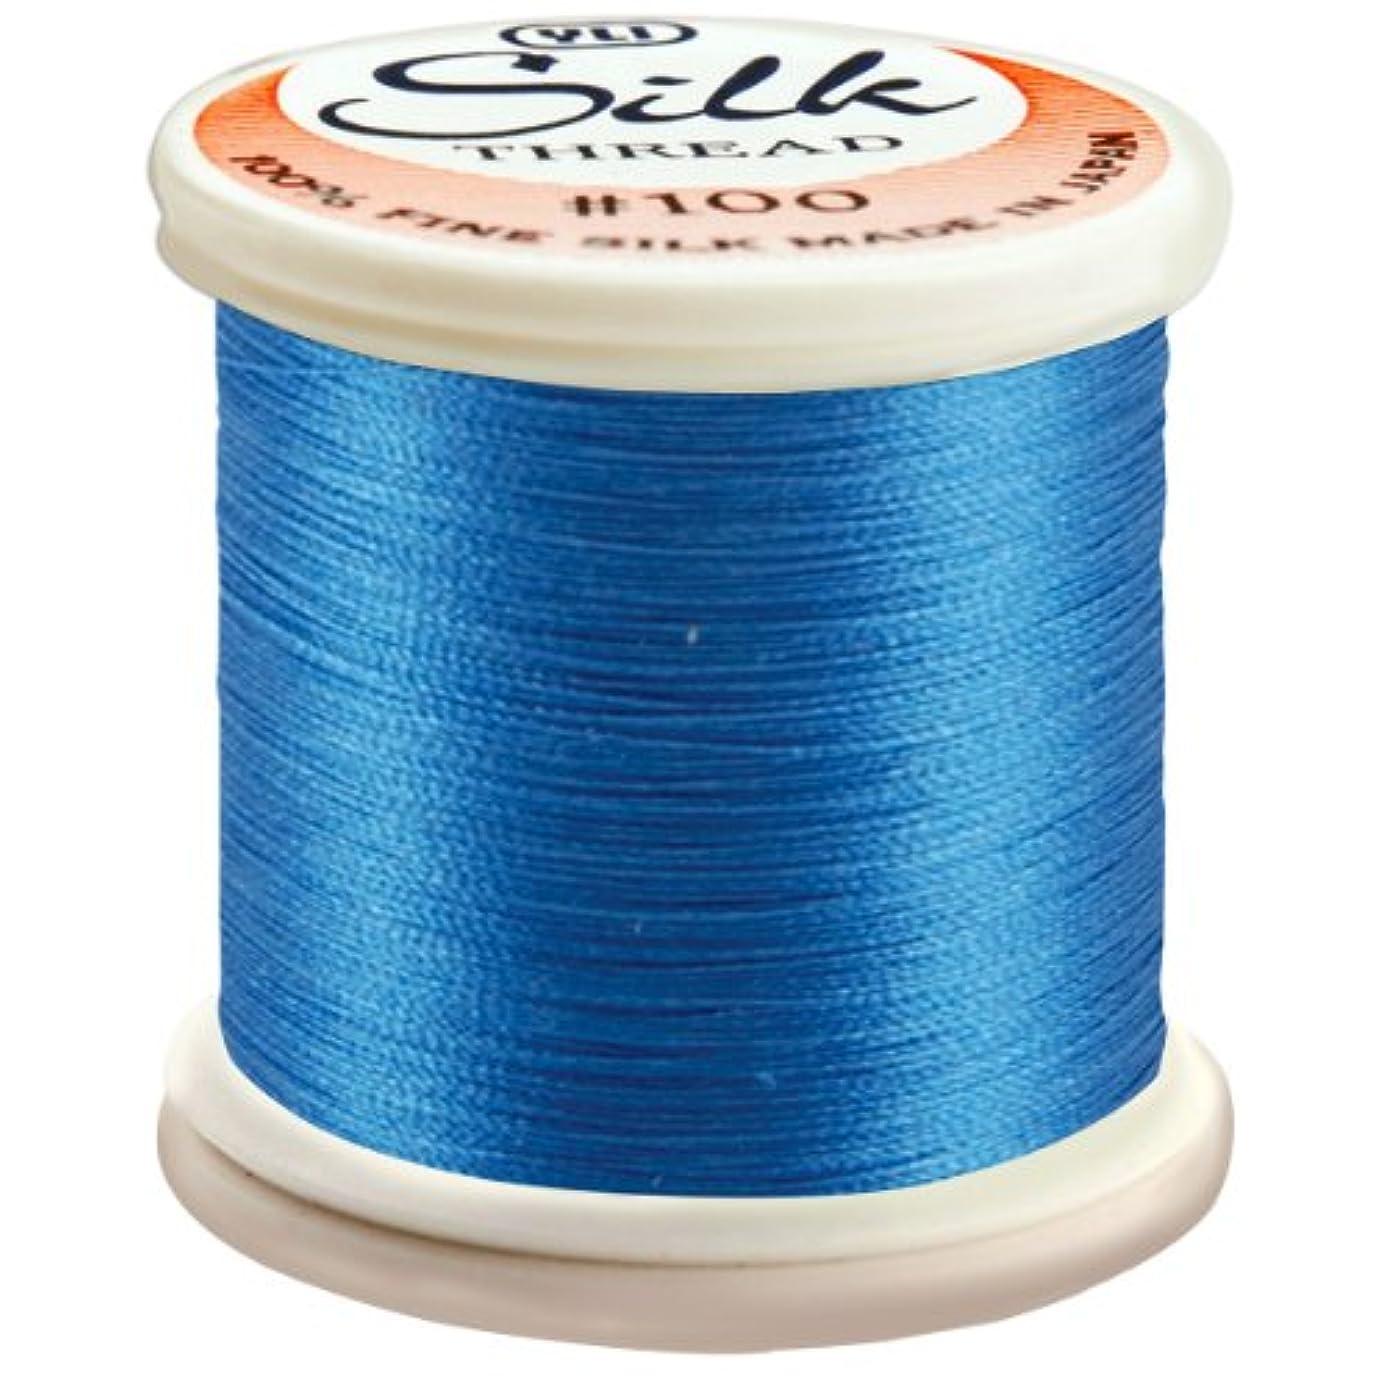 YLI Corporation Silk Thread 100 Weight 218 Yd. Spool: 202-10-207